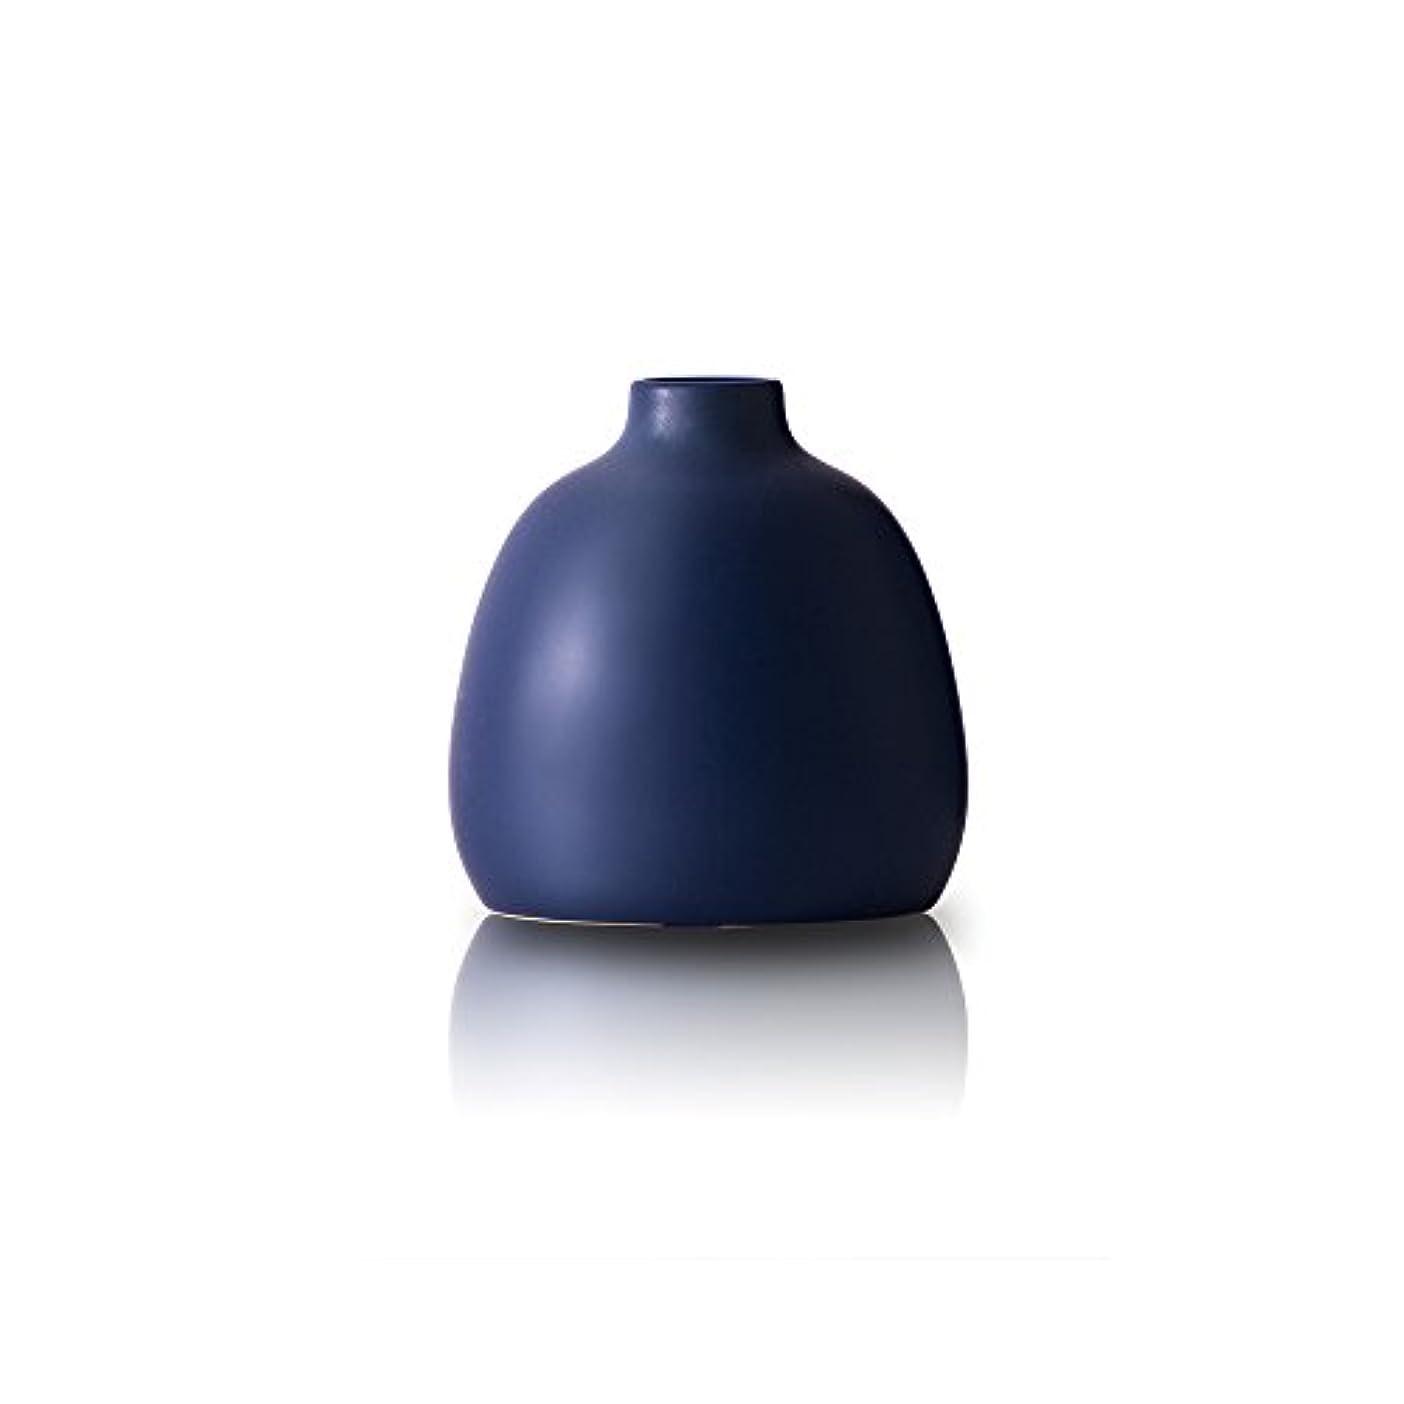 元気なトークOnlili 陶器 アロマディフューザー ブルー